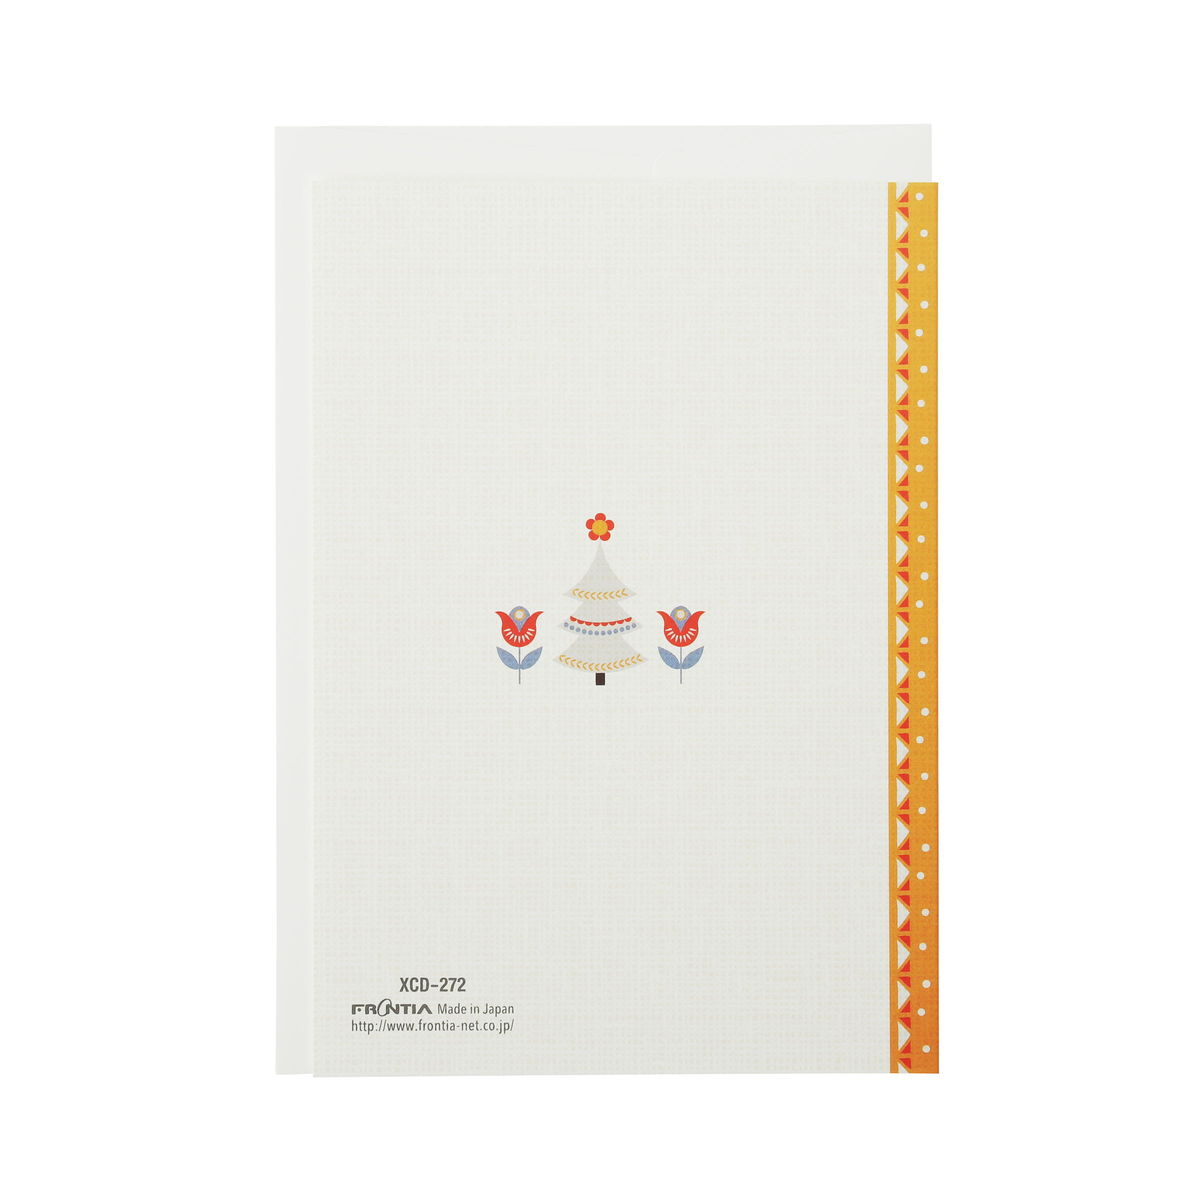 クリスマスカード クラシック 北欧クリスマスカード黄帯|xcd-272